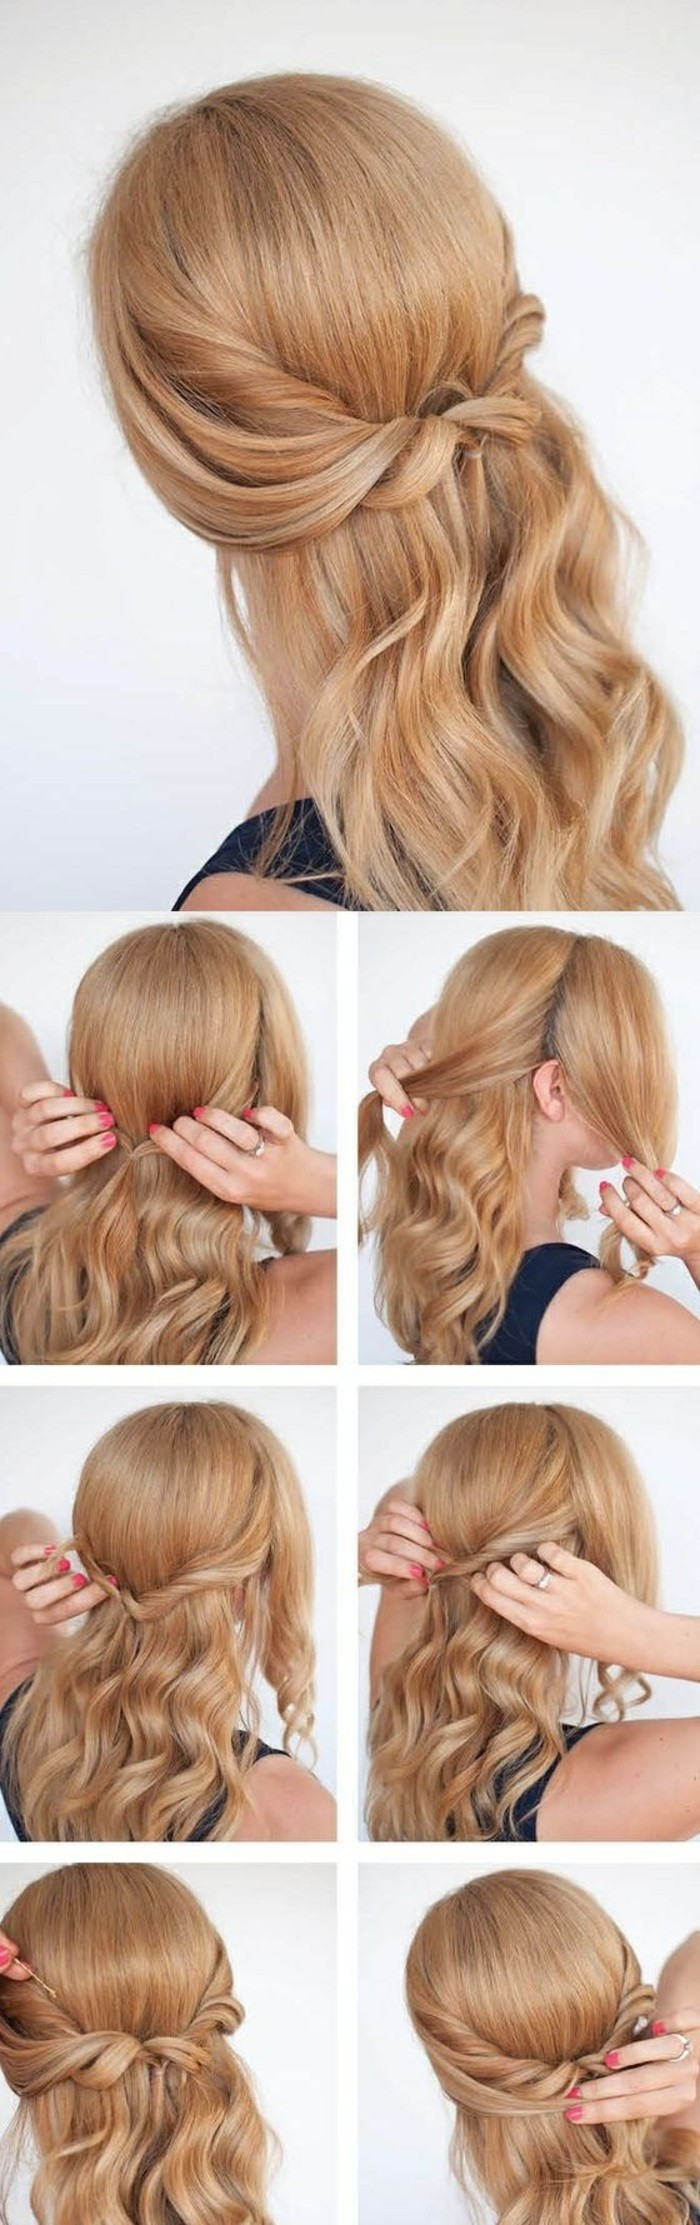 einfache-frisuren-schulterlange-blonde-lockige-haare-frisur-selber-machen